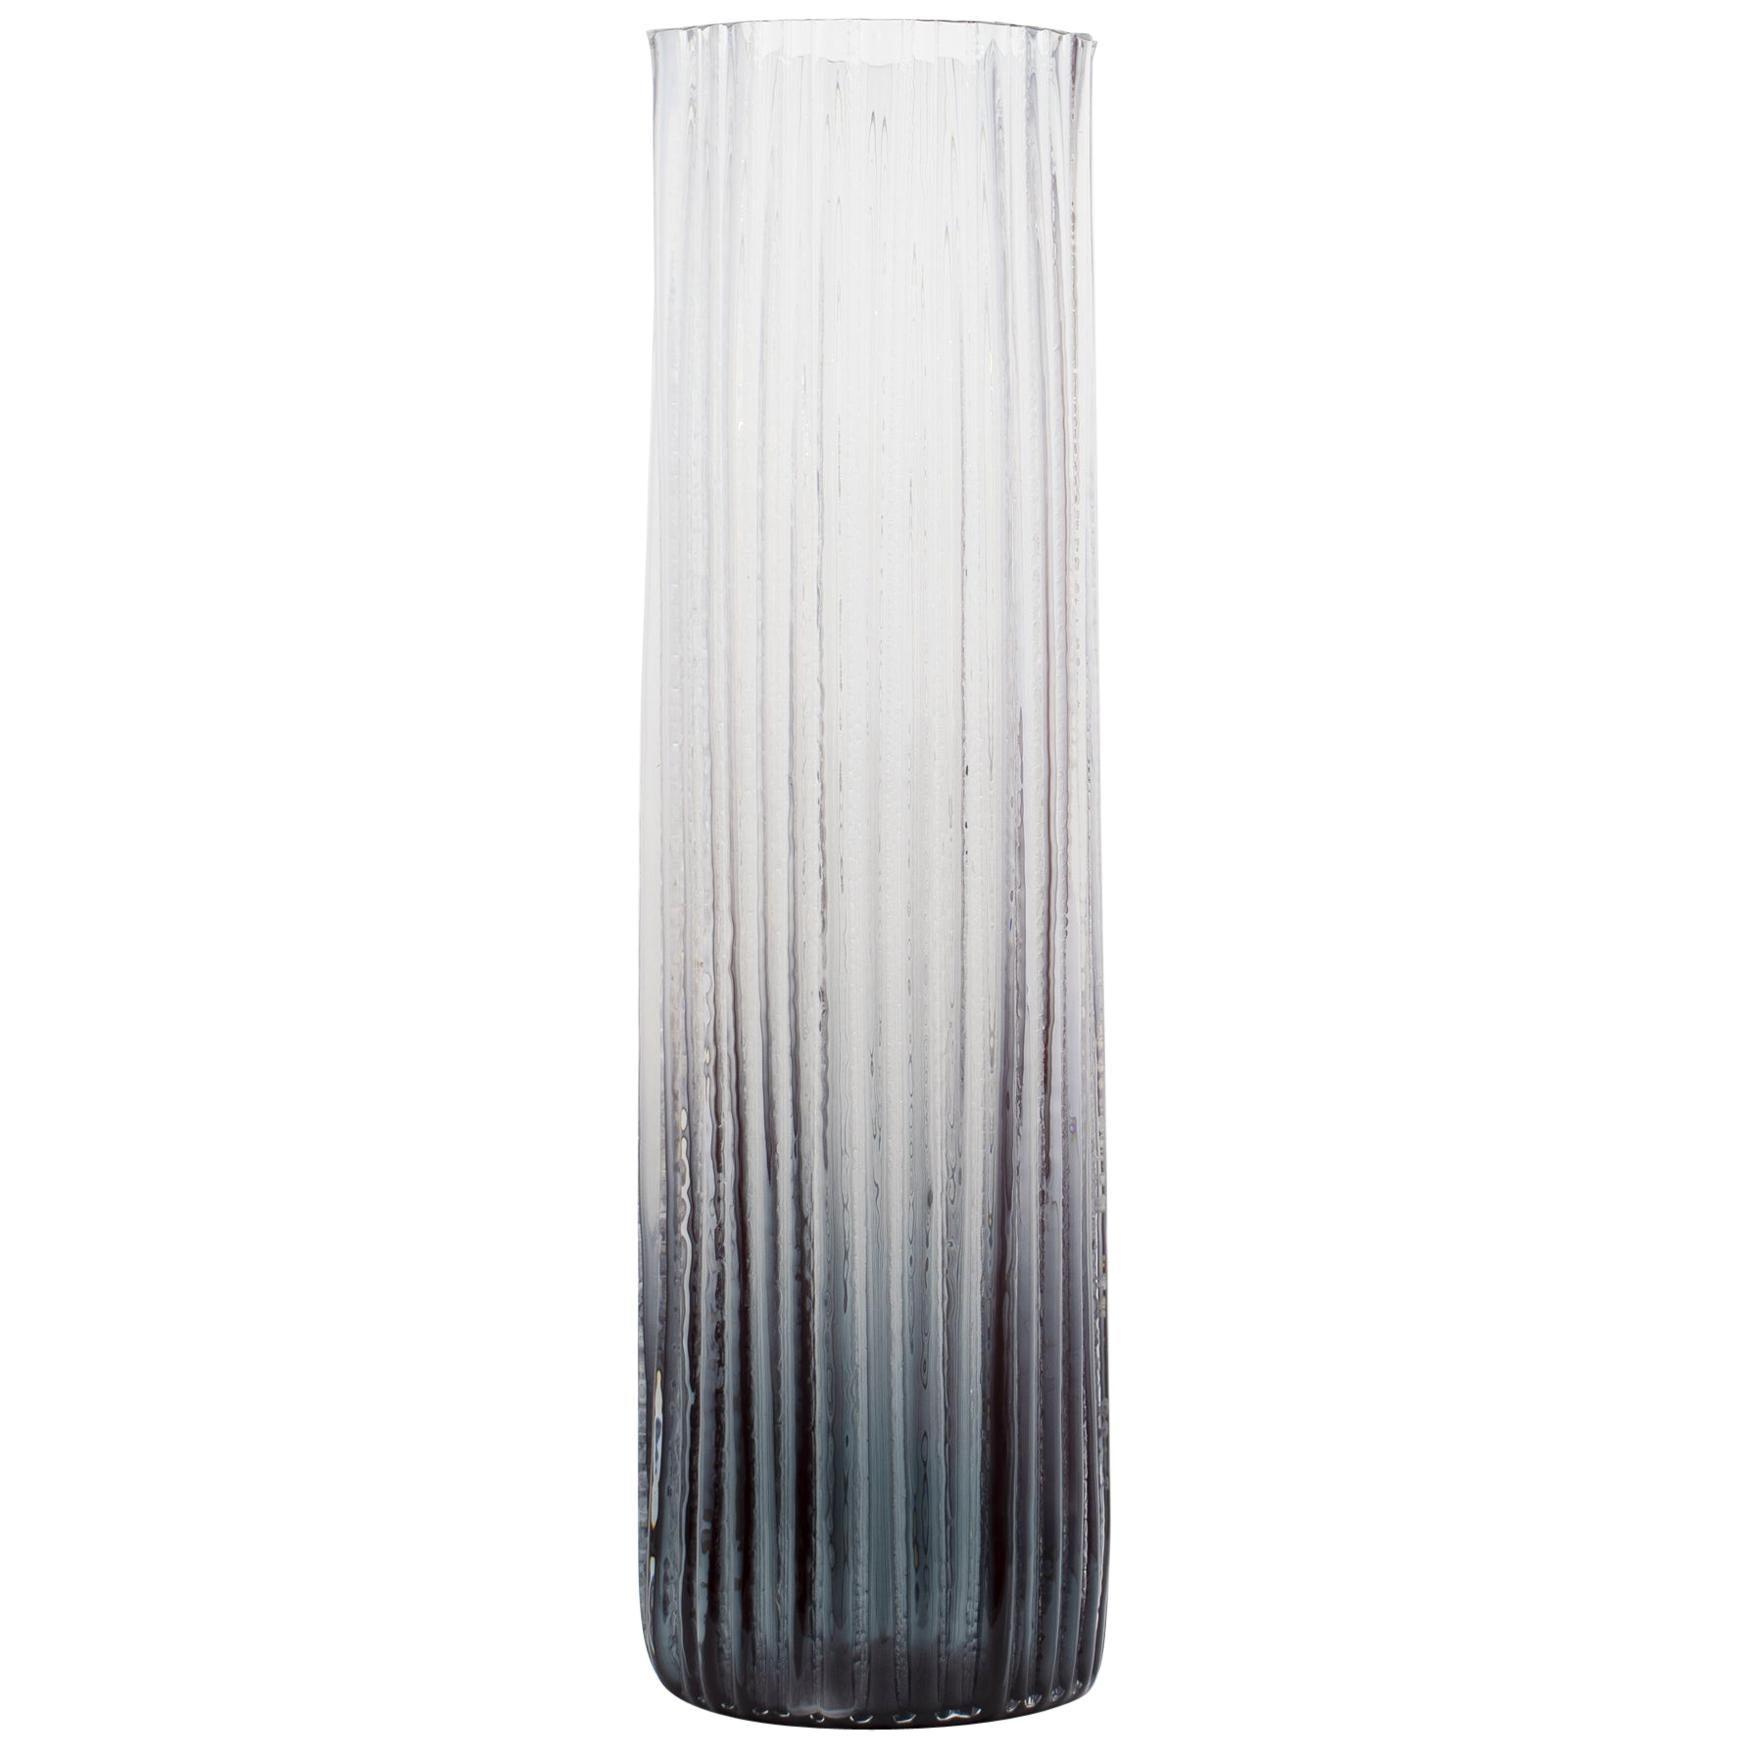 Burnout 4 Hand Blown Glass Decorative Vase